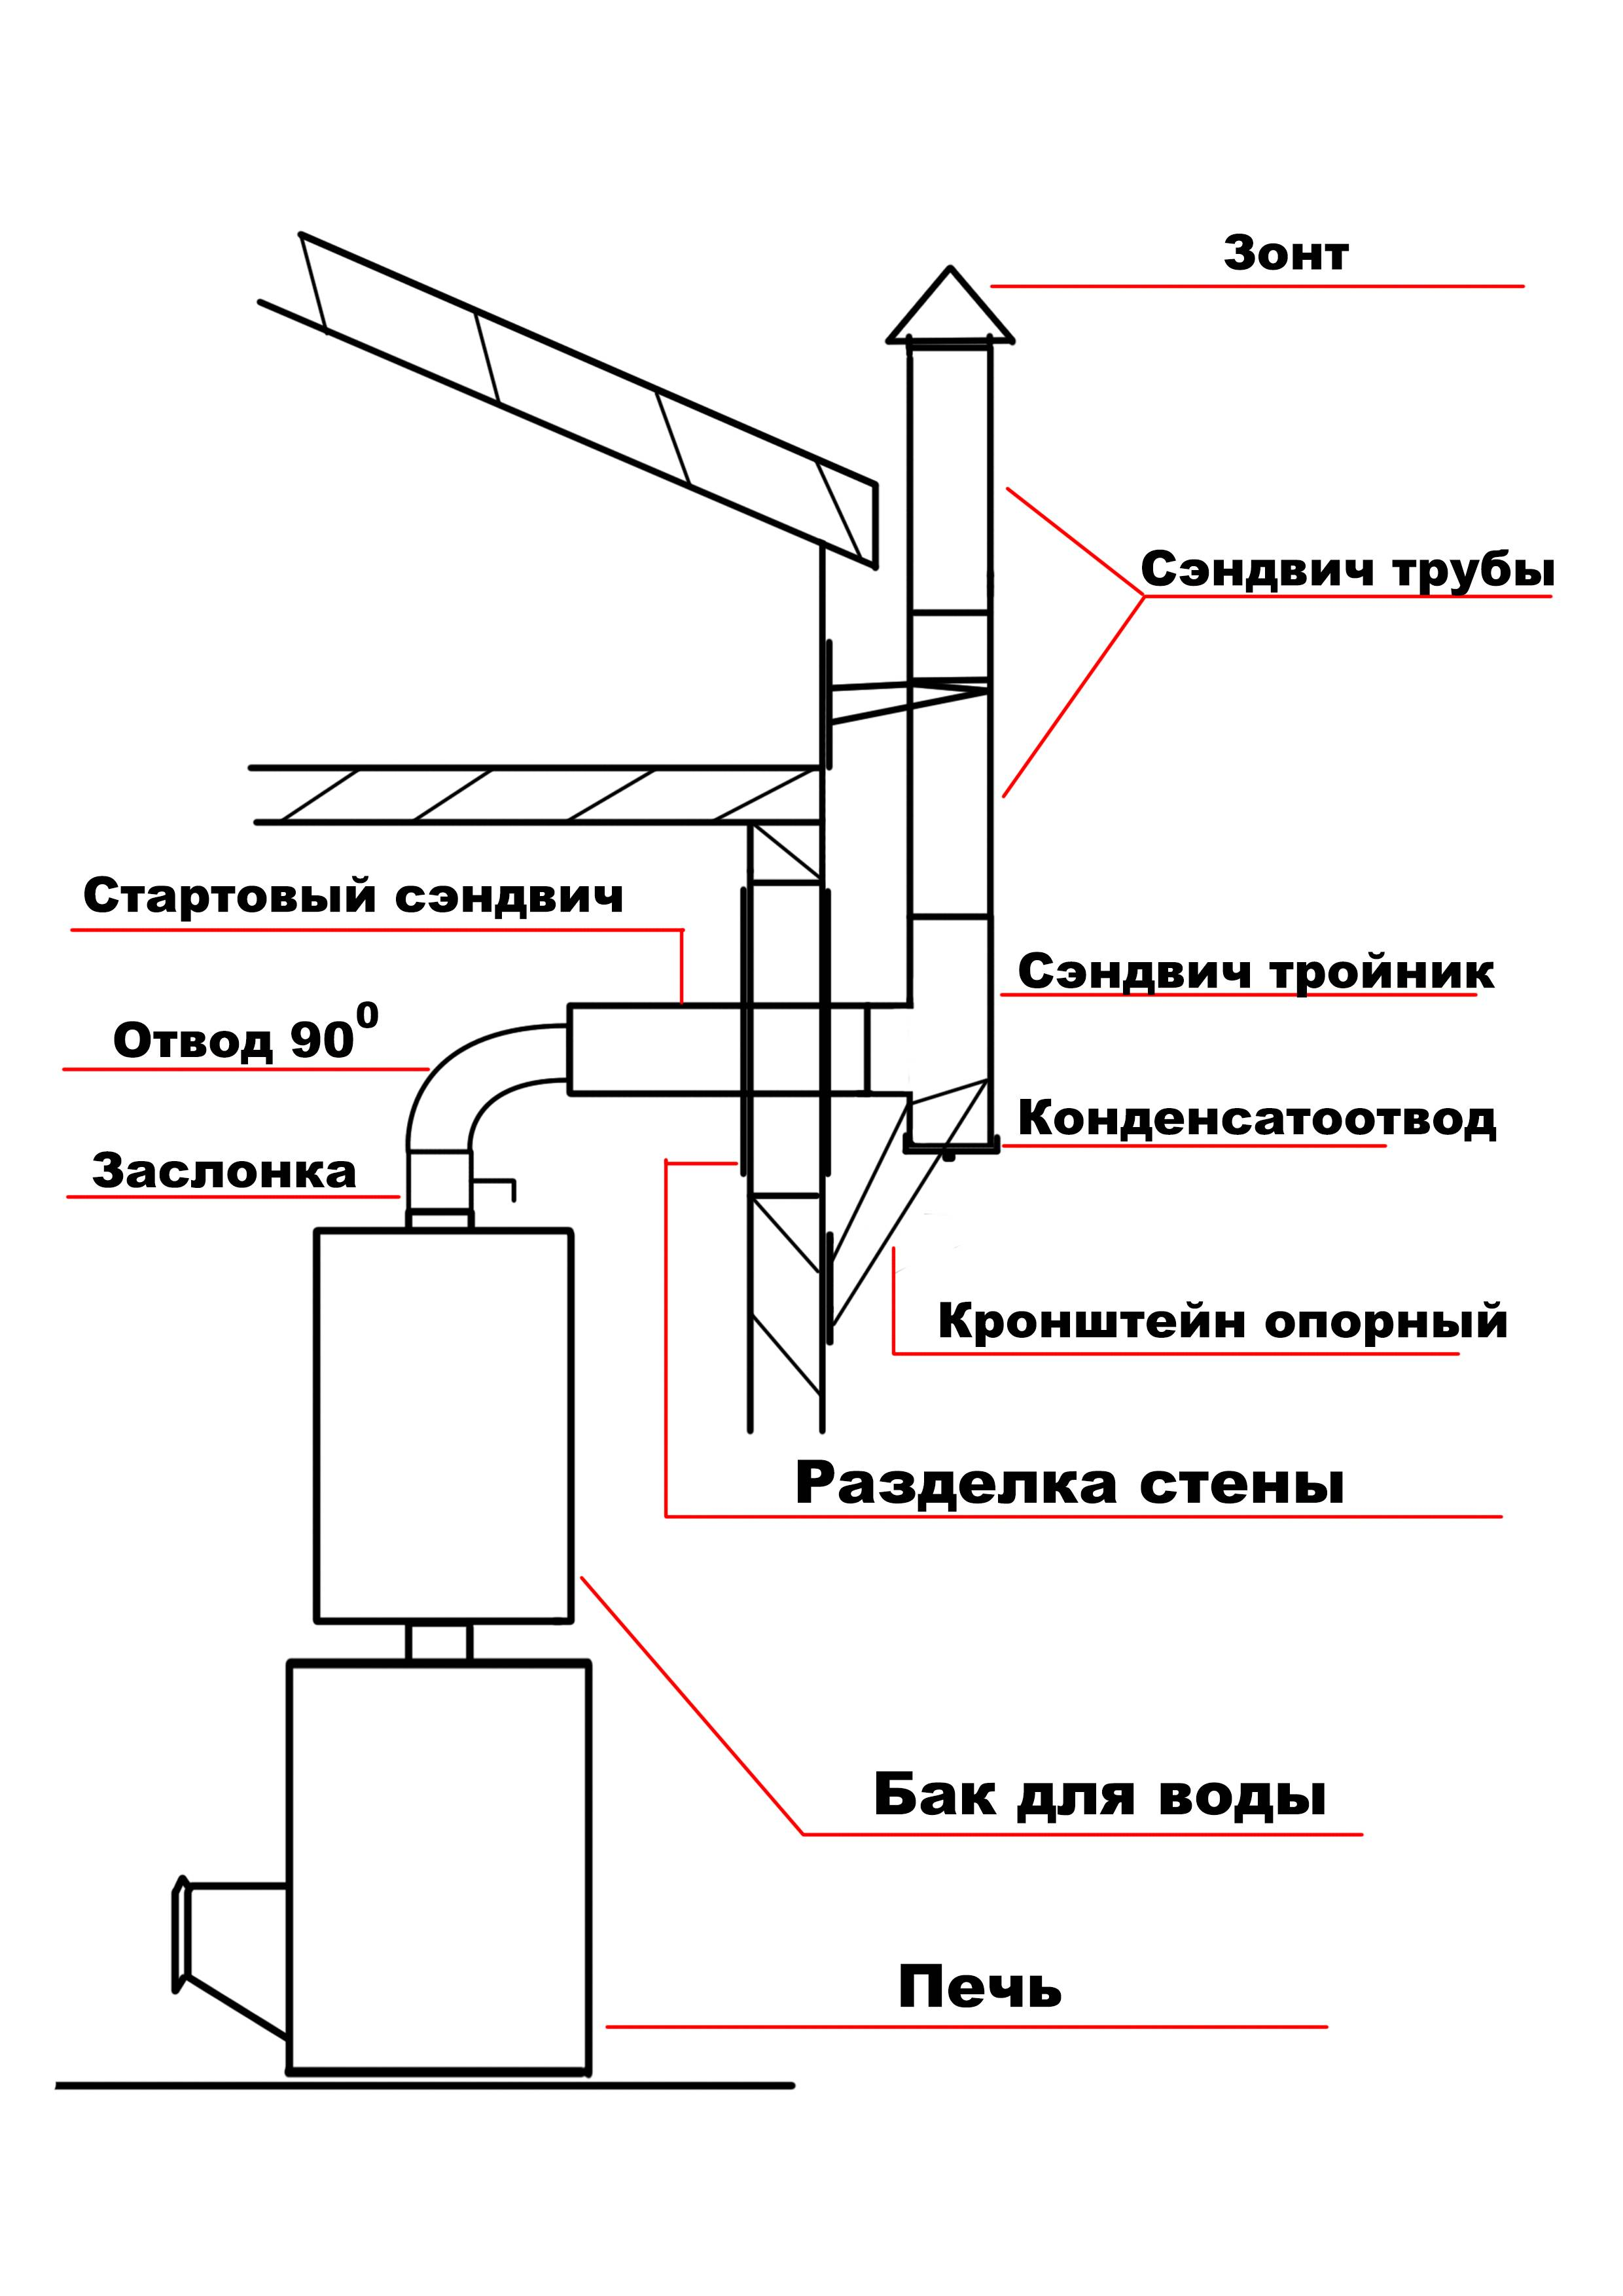 Вентиляционные трубы: материалы для изготовления, сечение и жёсткость воздуховодов, монтаж трубопровода